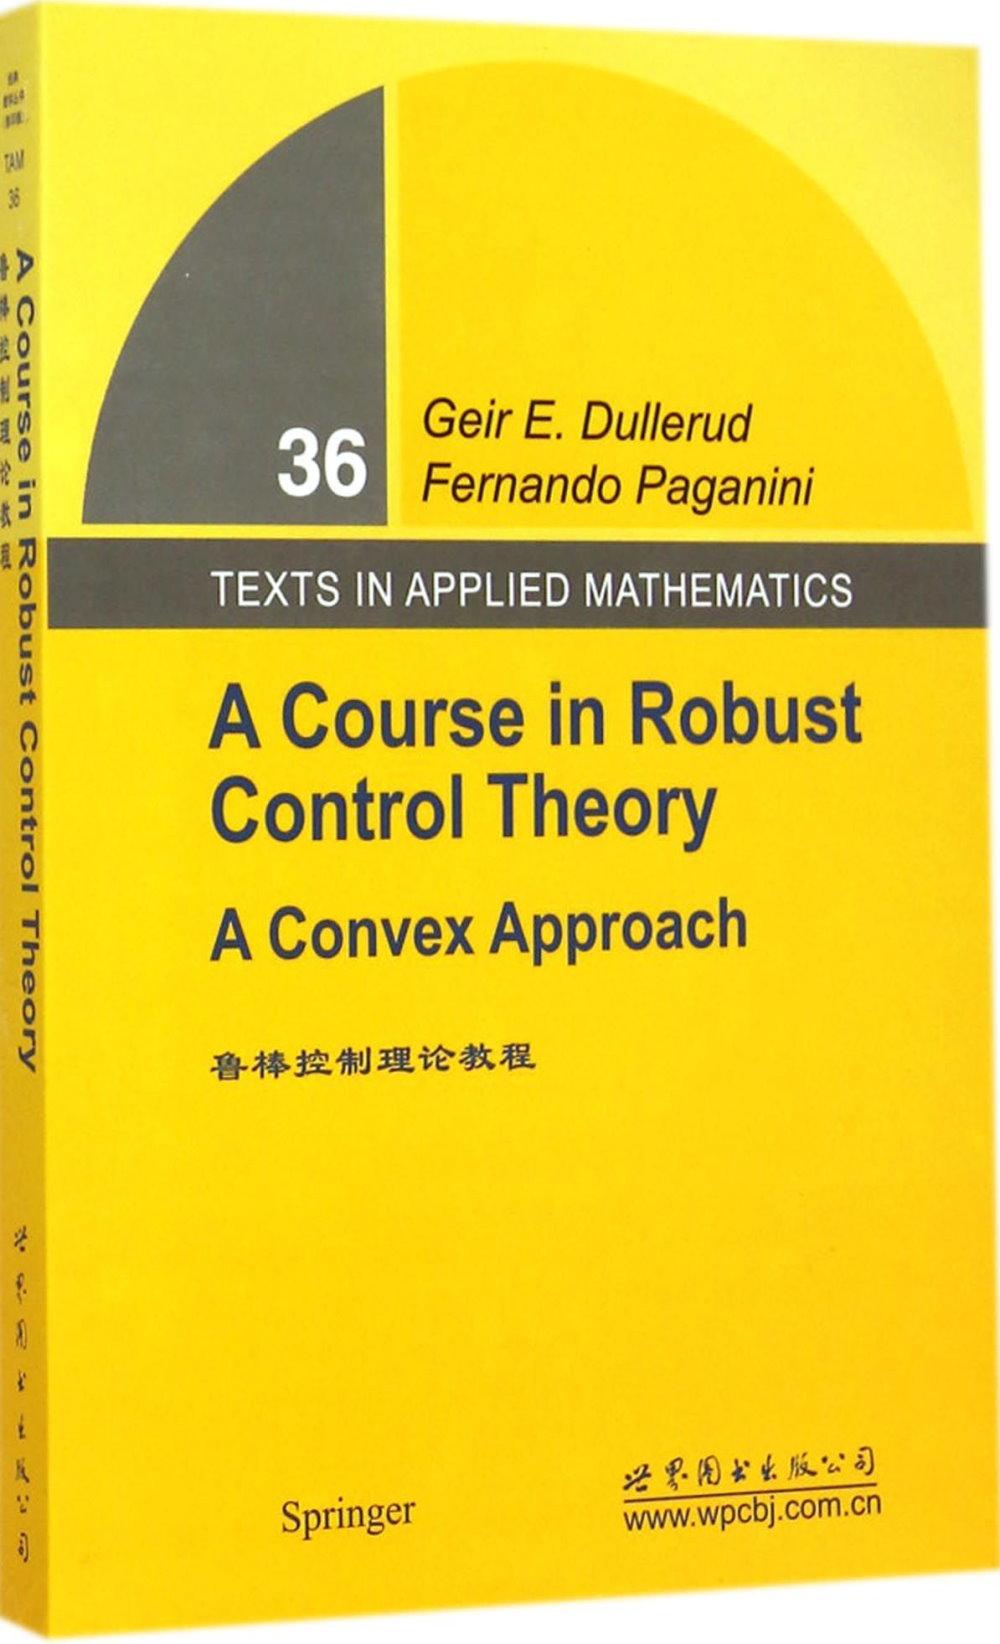 魯棒控制理論教程:英文